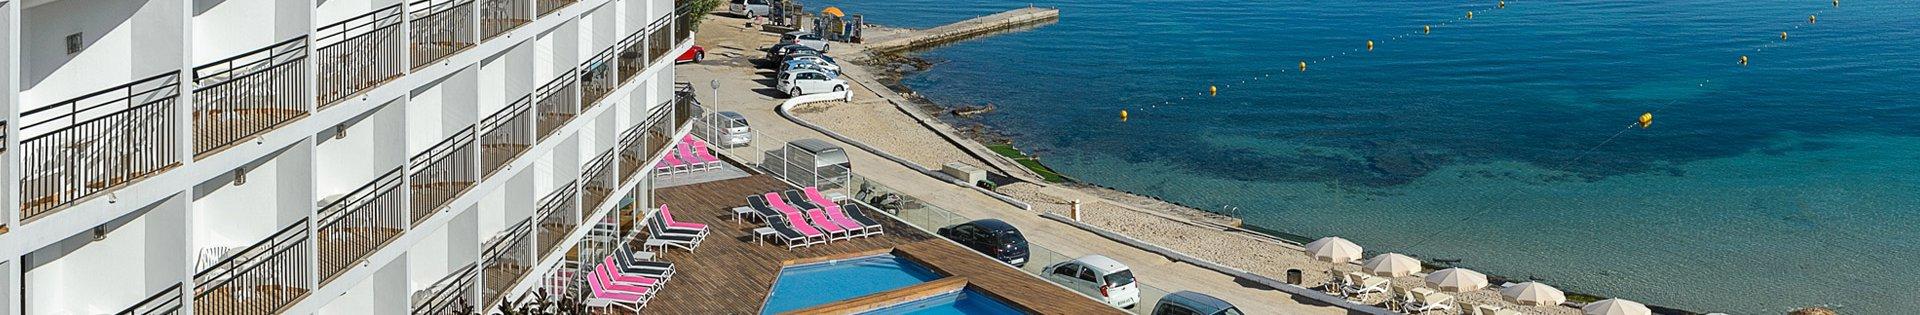 Hotel In San Antonio Bay Ibiza Playasol San Remo Hotel